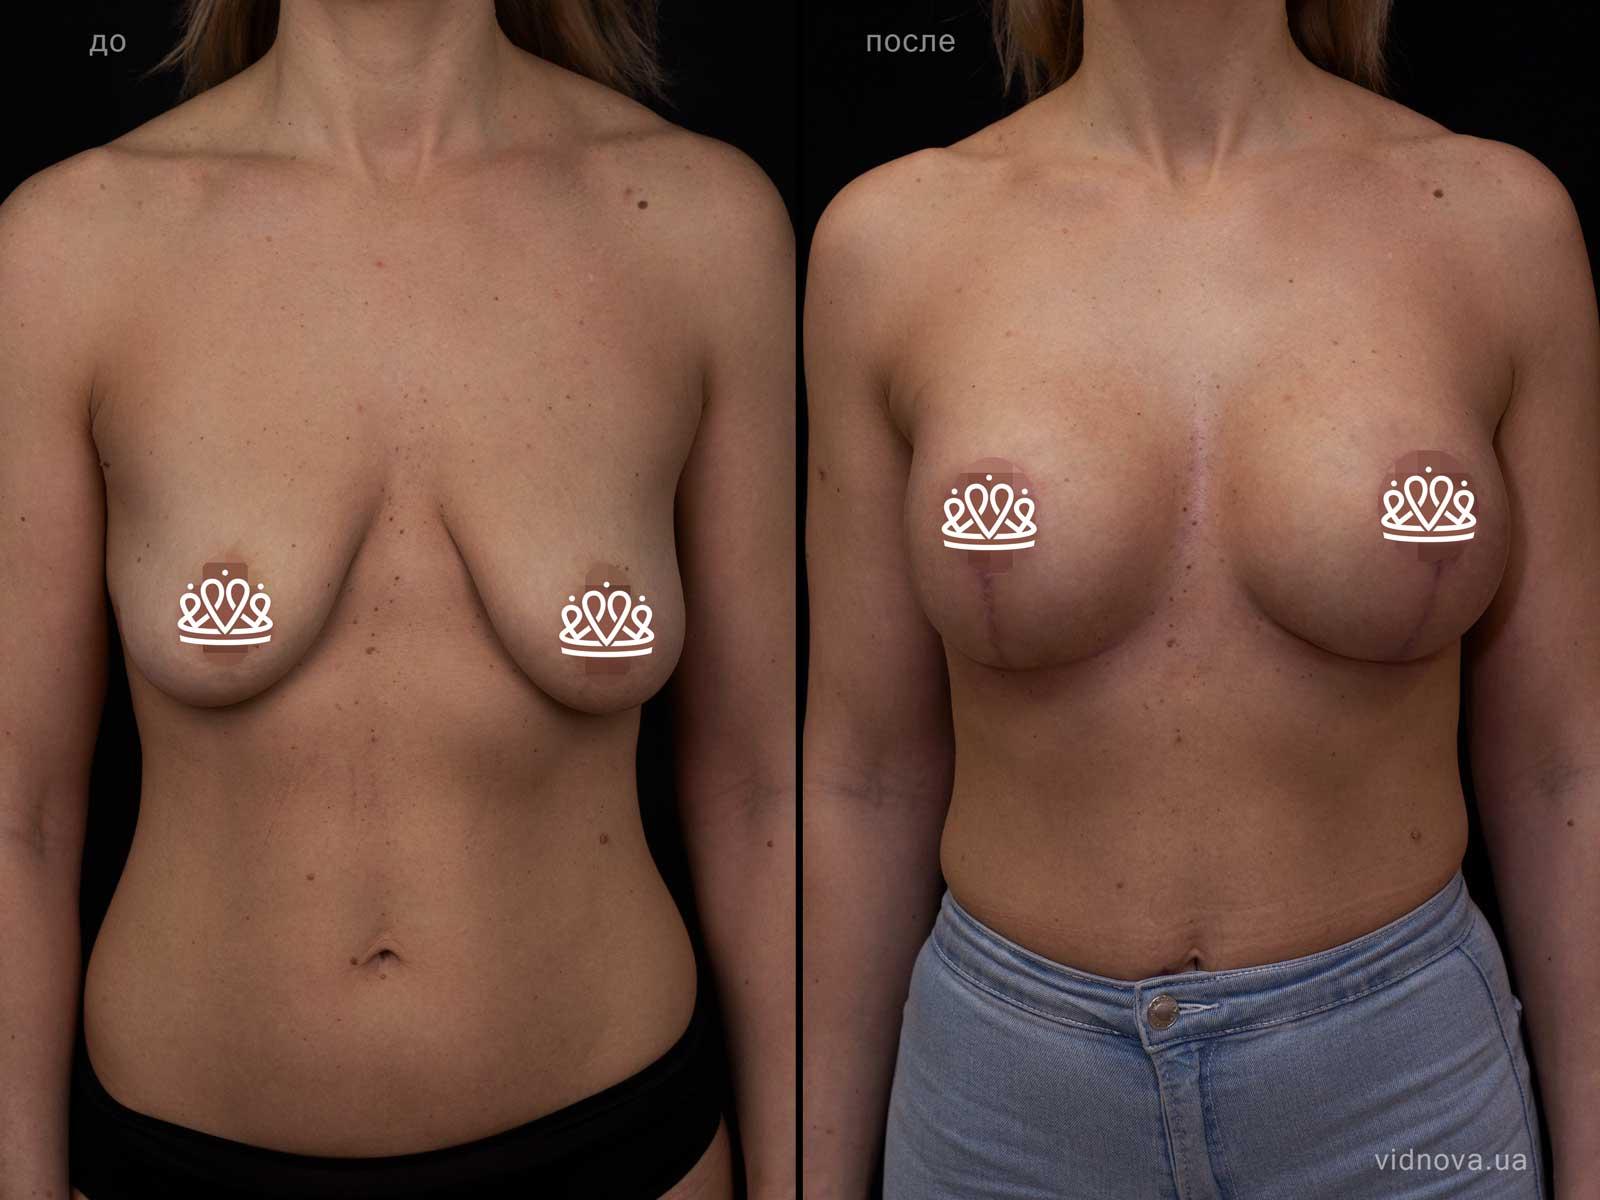 Пластика груди: результаты до и после - Пример №113-0 - Светлана Работенко